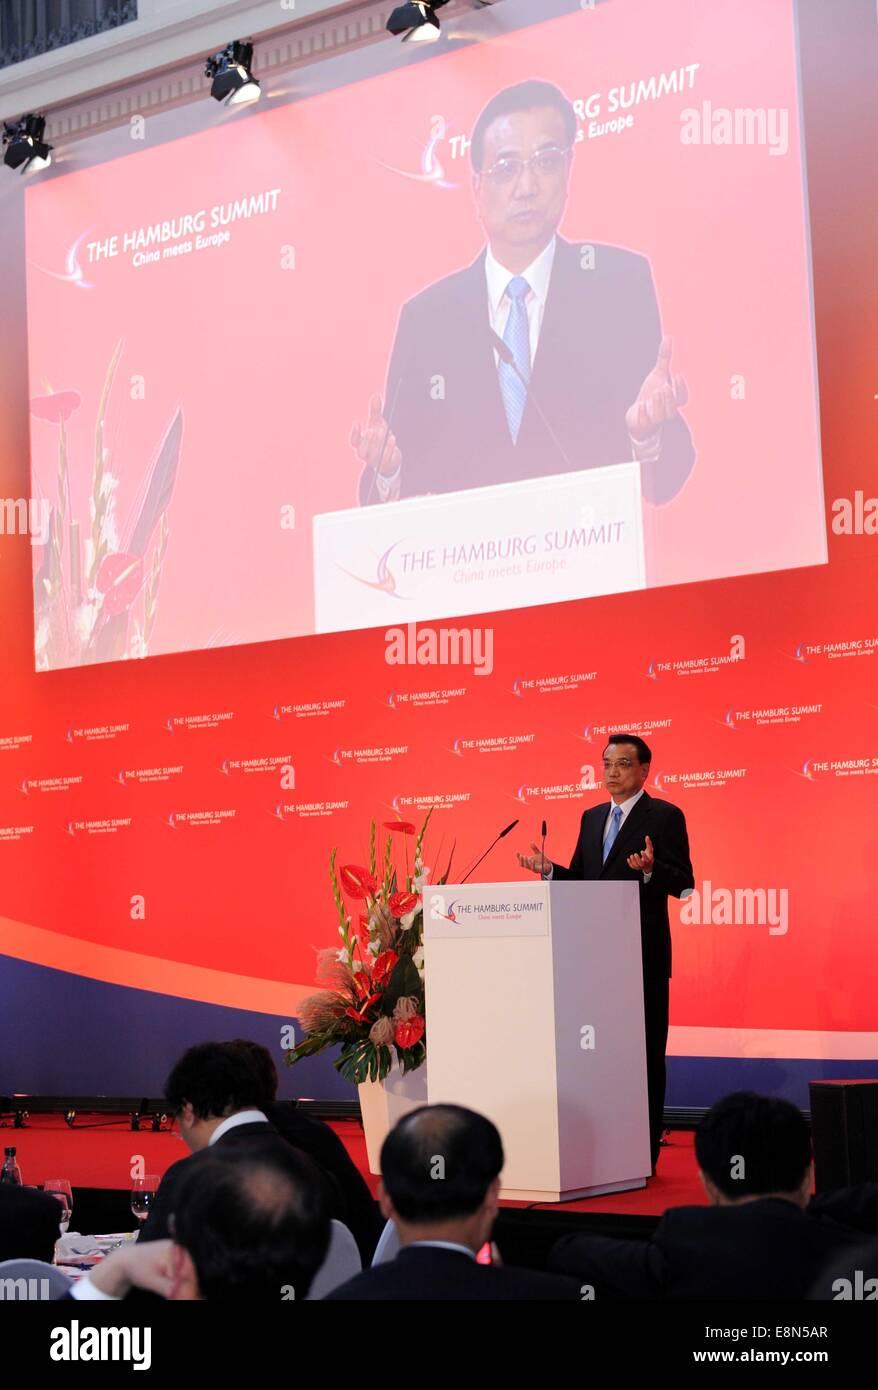 Hamburg, Germany. 11th Oct, 2014. Chinese Premier Li Keqiang delivers a keynote speech at the sixth Hamburg Summit - Stock Image